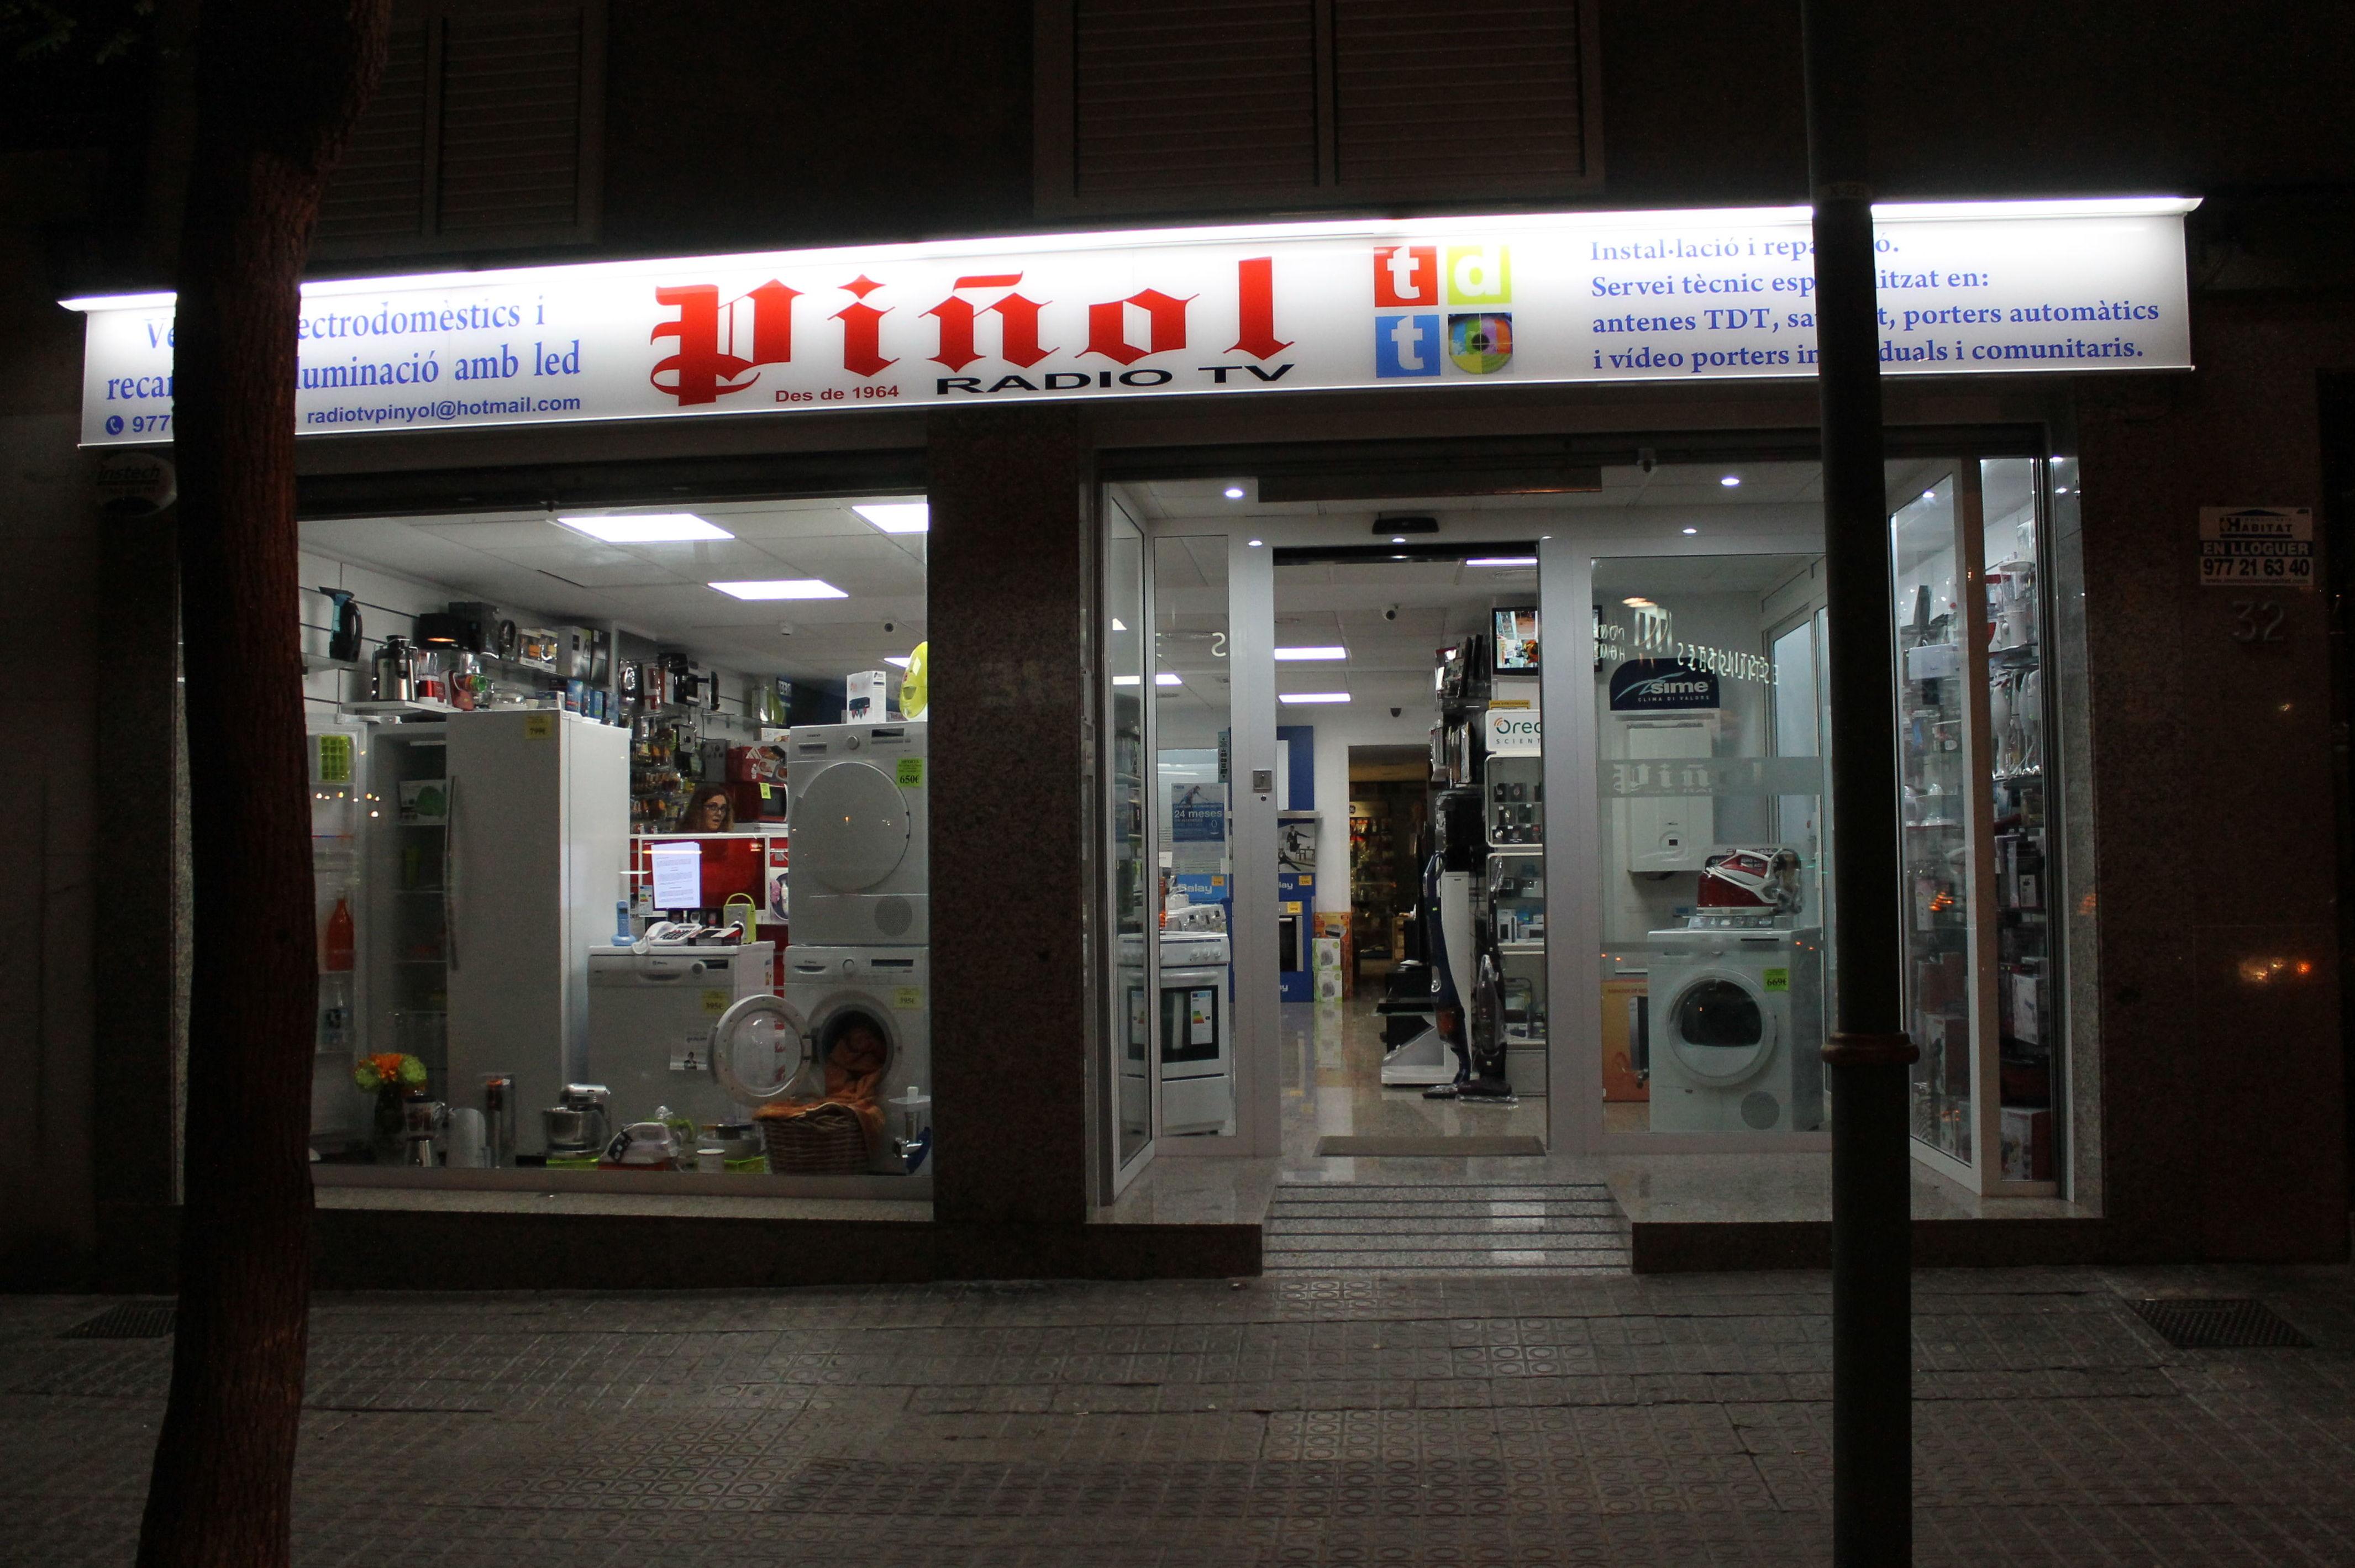 Antenas, electrodomésticos...en Tarragona